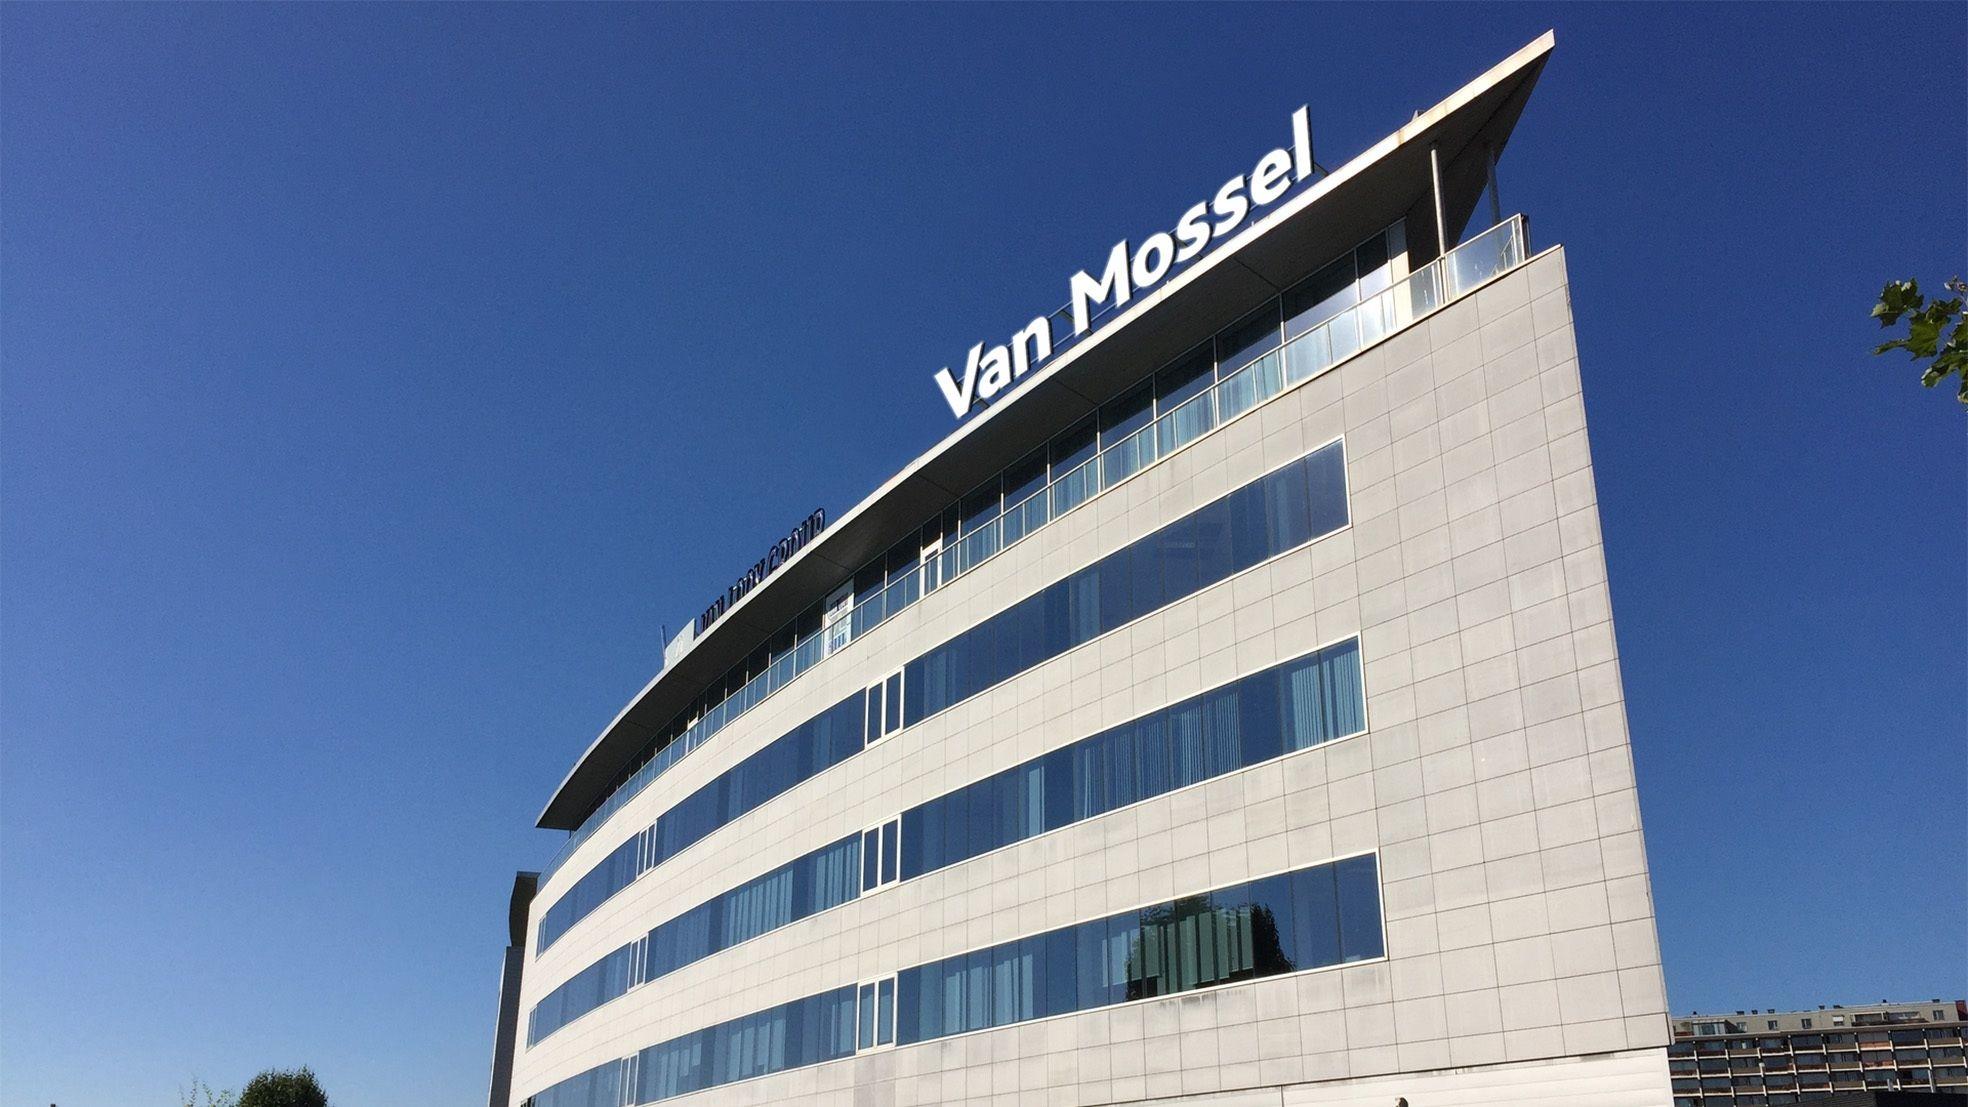 Antwerpen Van Mossel automotive